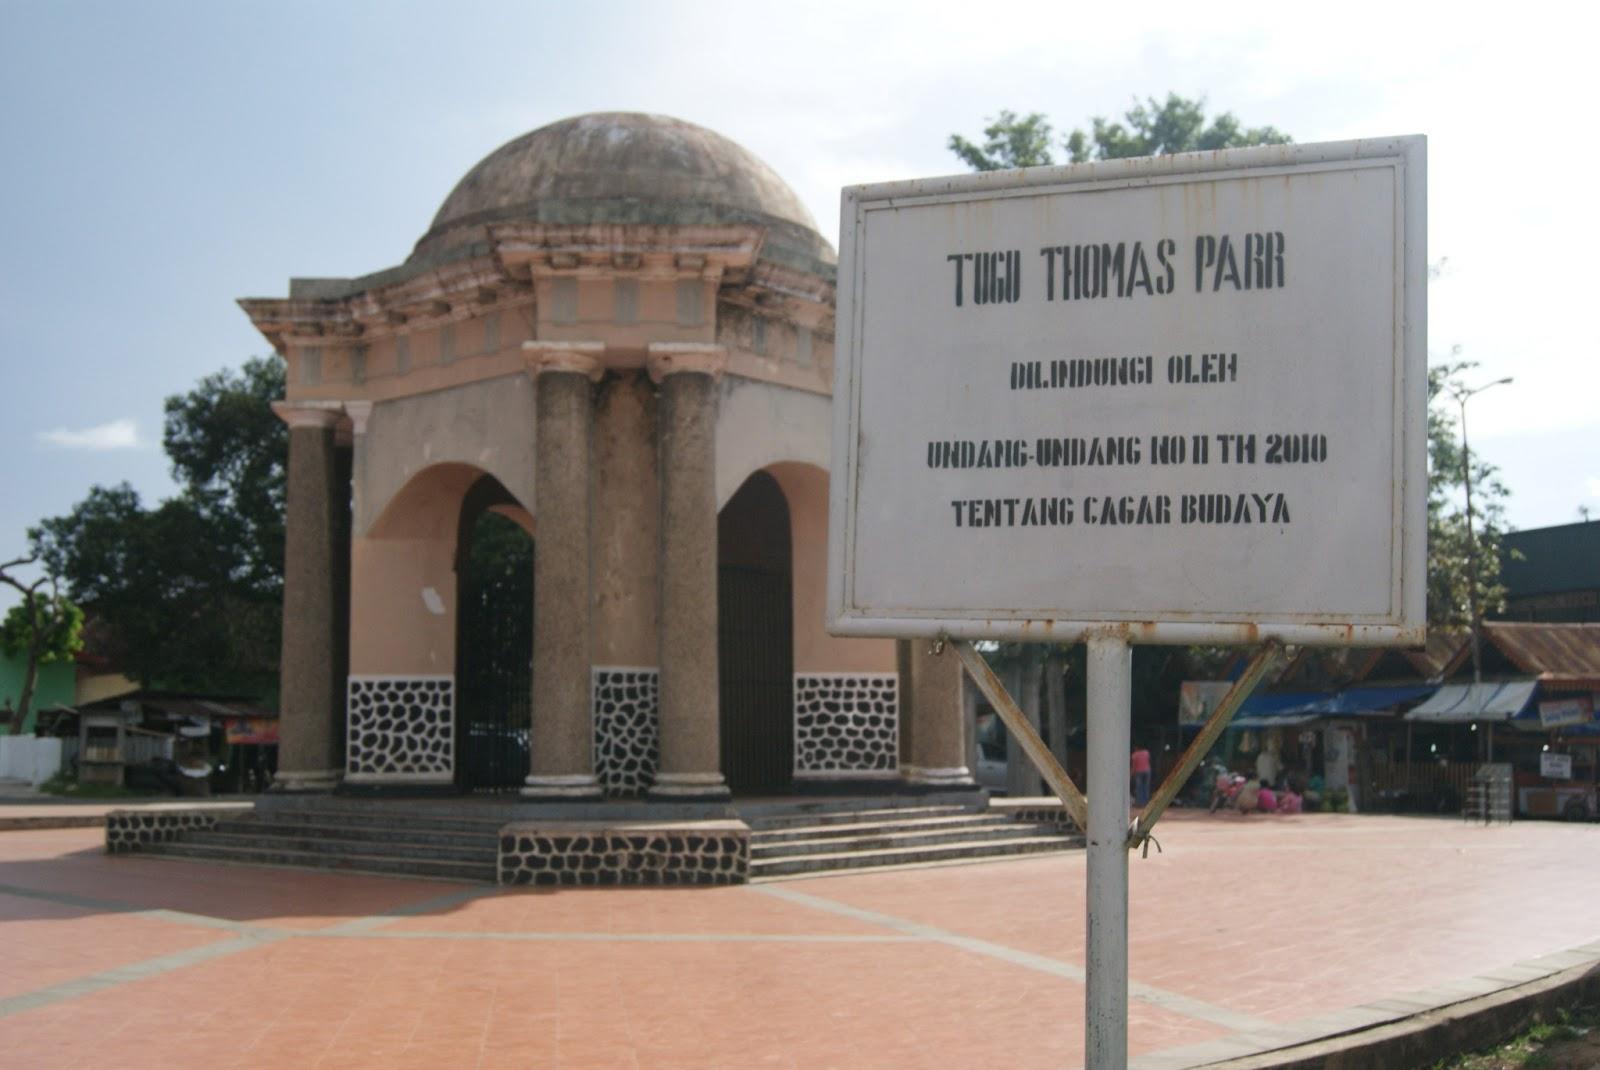 Teknik Fotografi Foto Esay Tempat Bersejarah Kota Bengkulu Monumen Dibangun